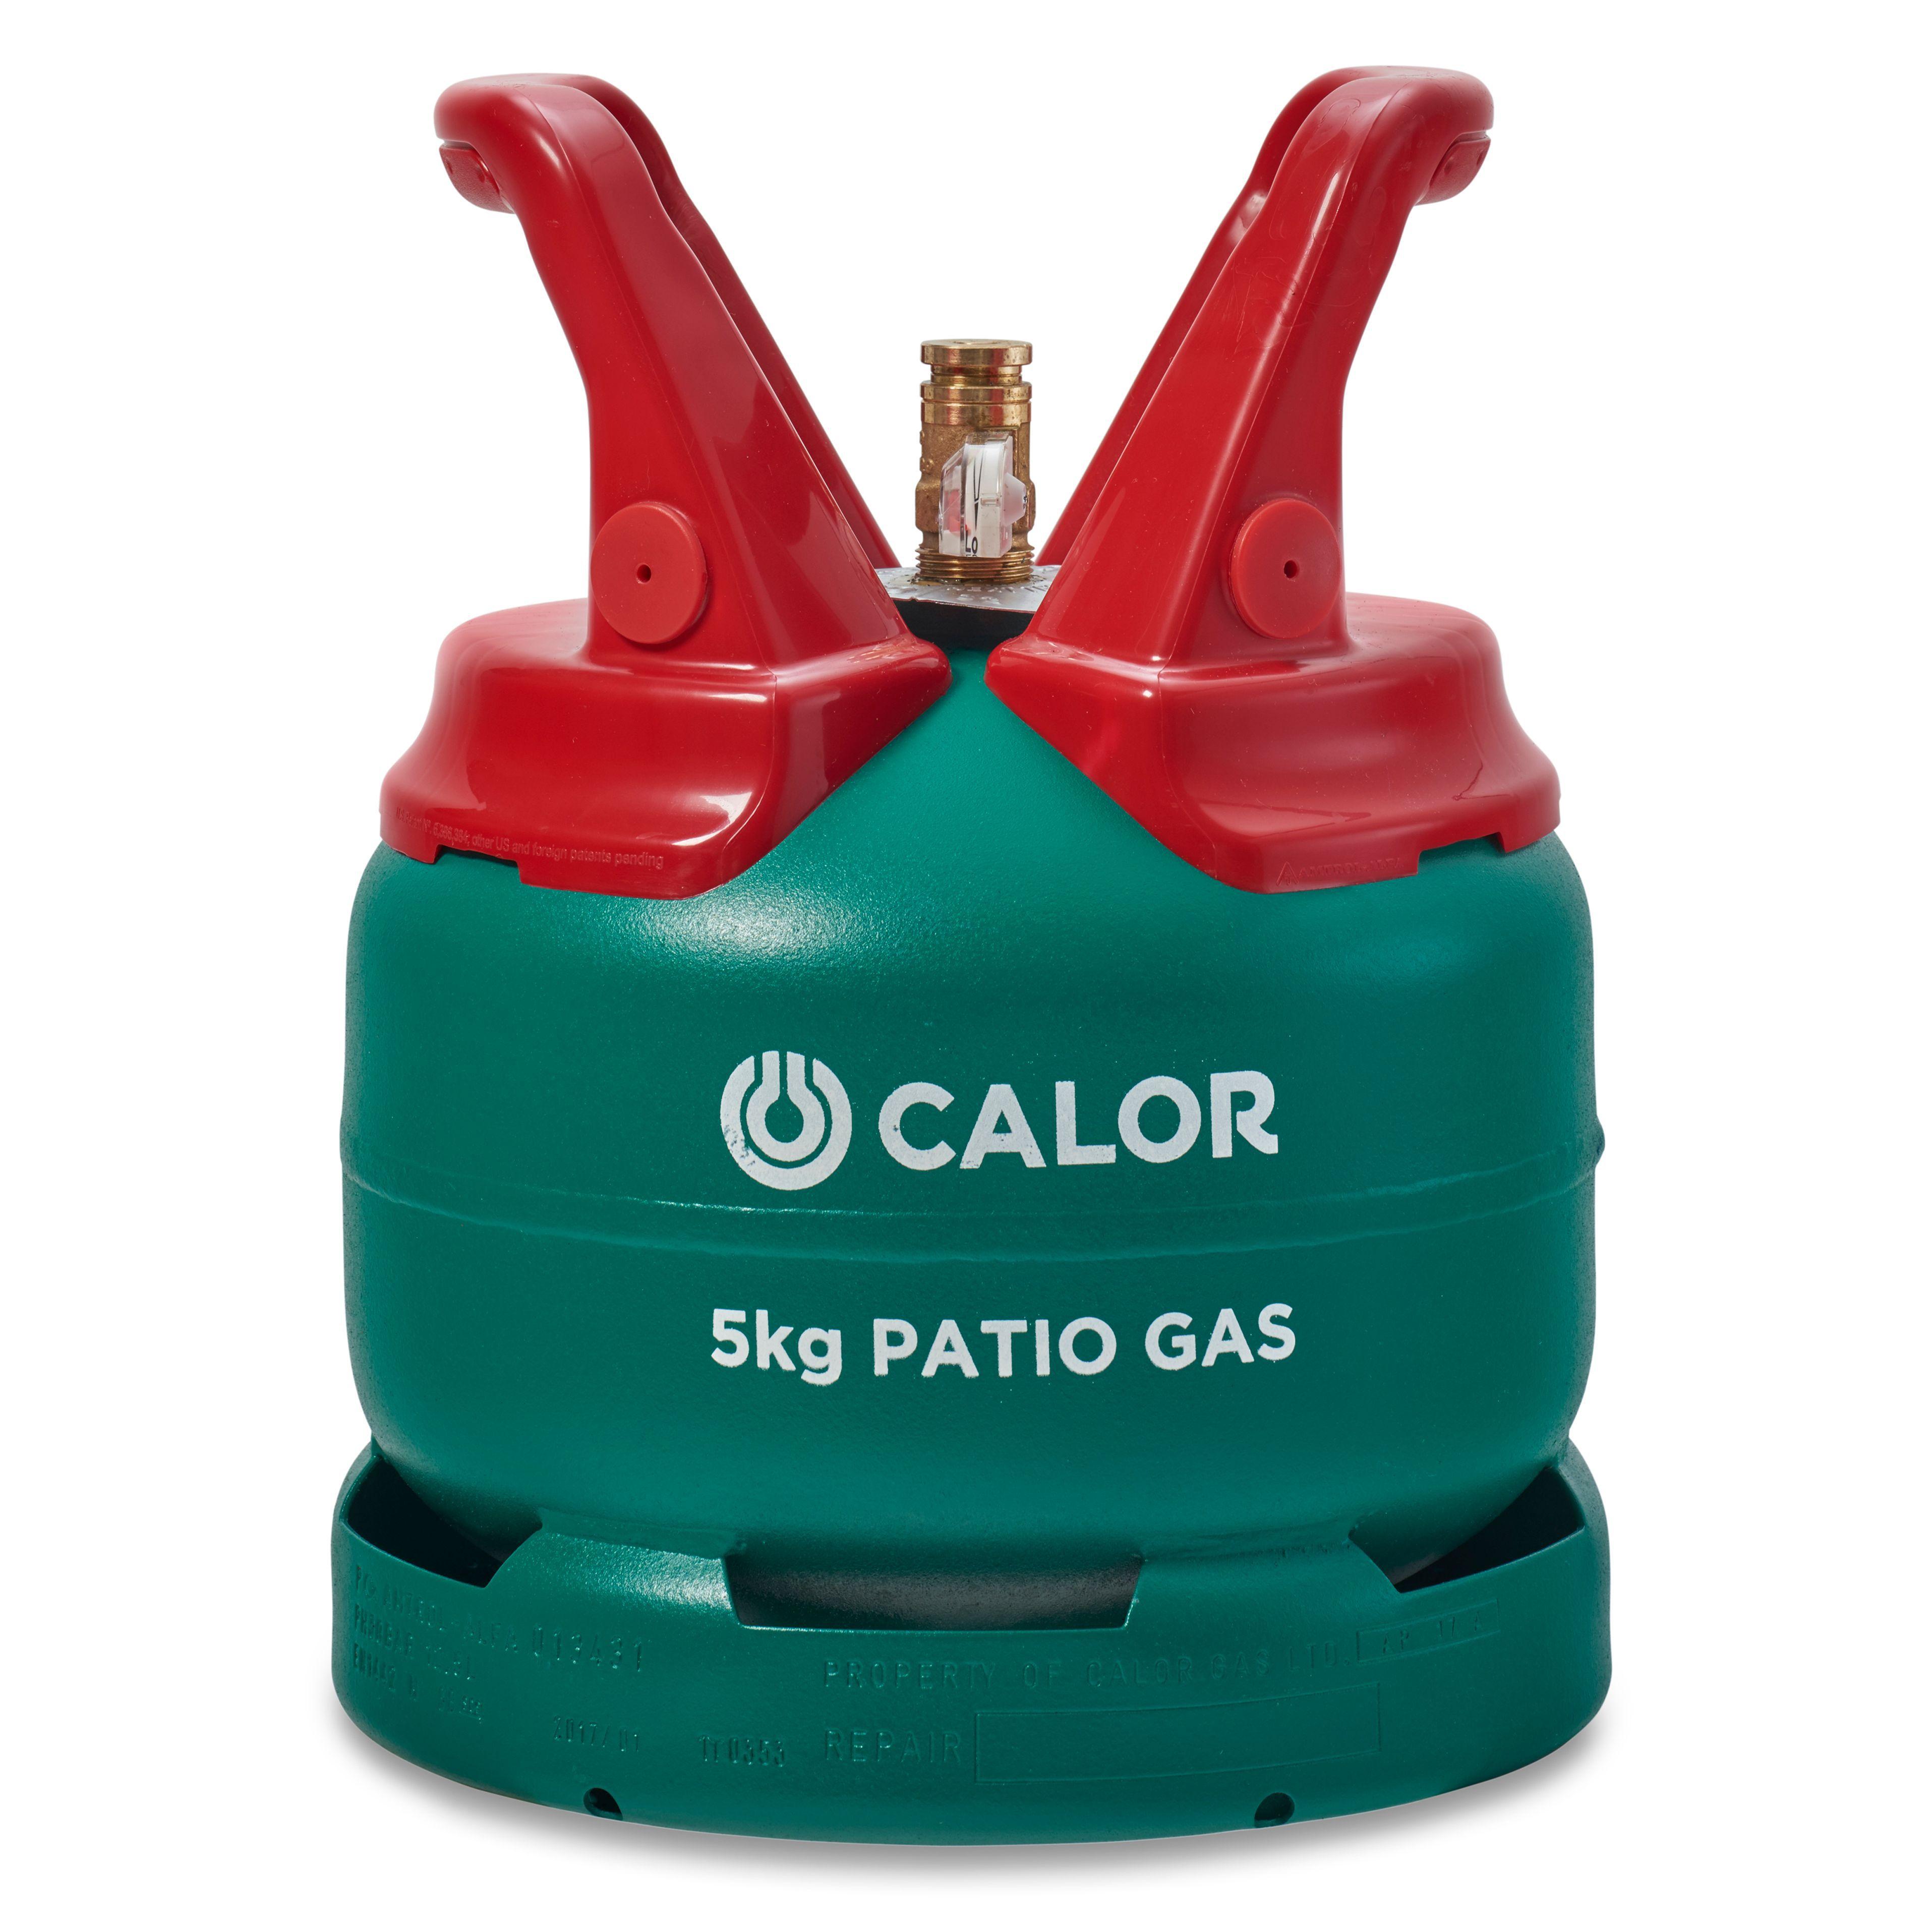 Calor Propane Gas Refill 5 Kg Departments Diy At B Amp Q